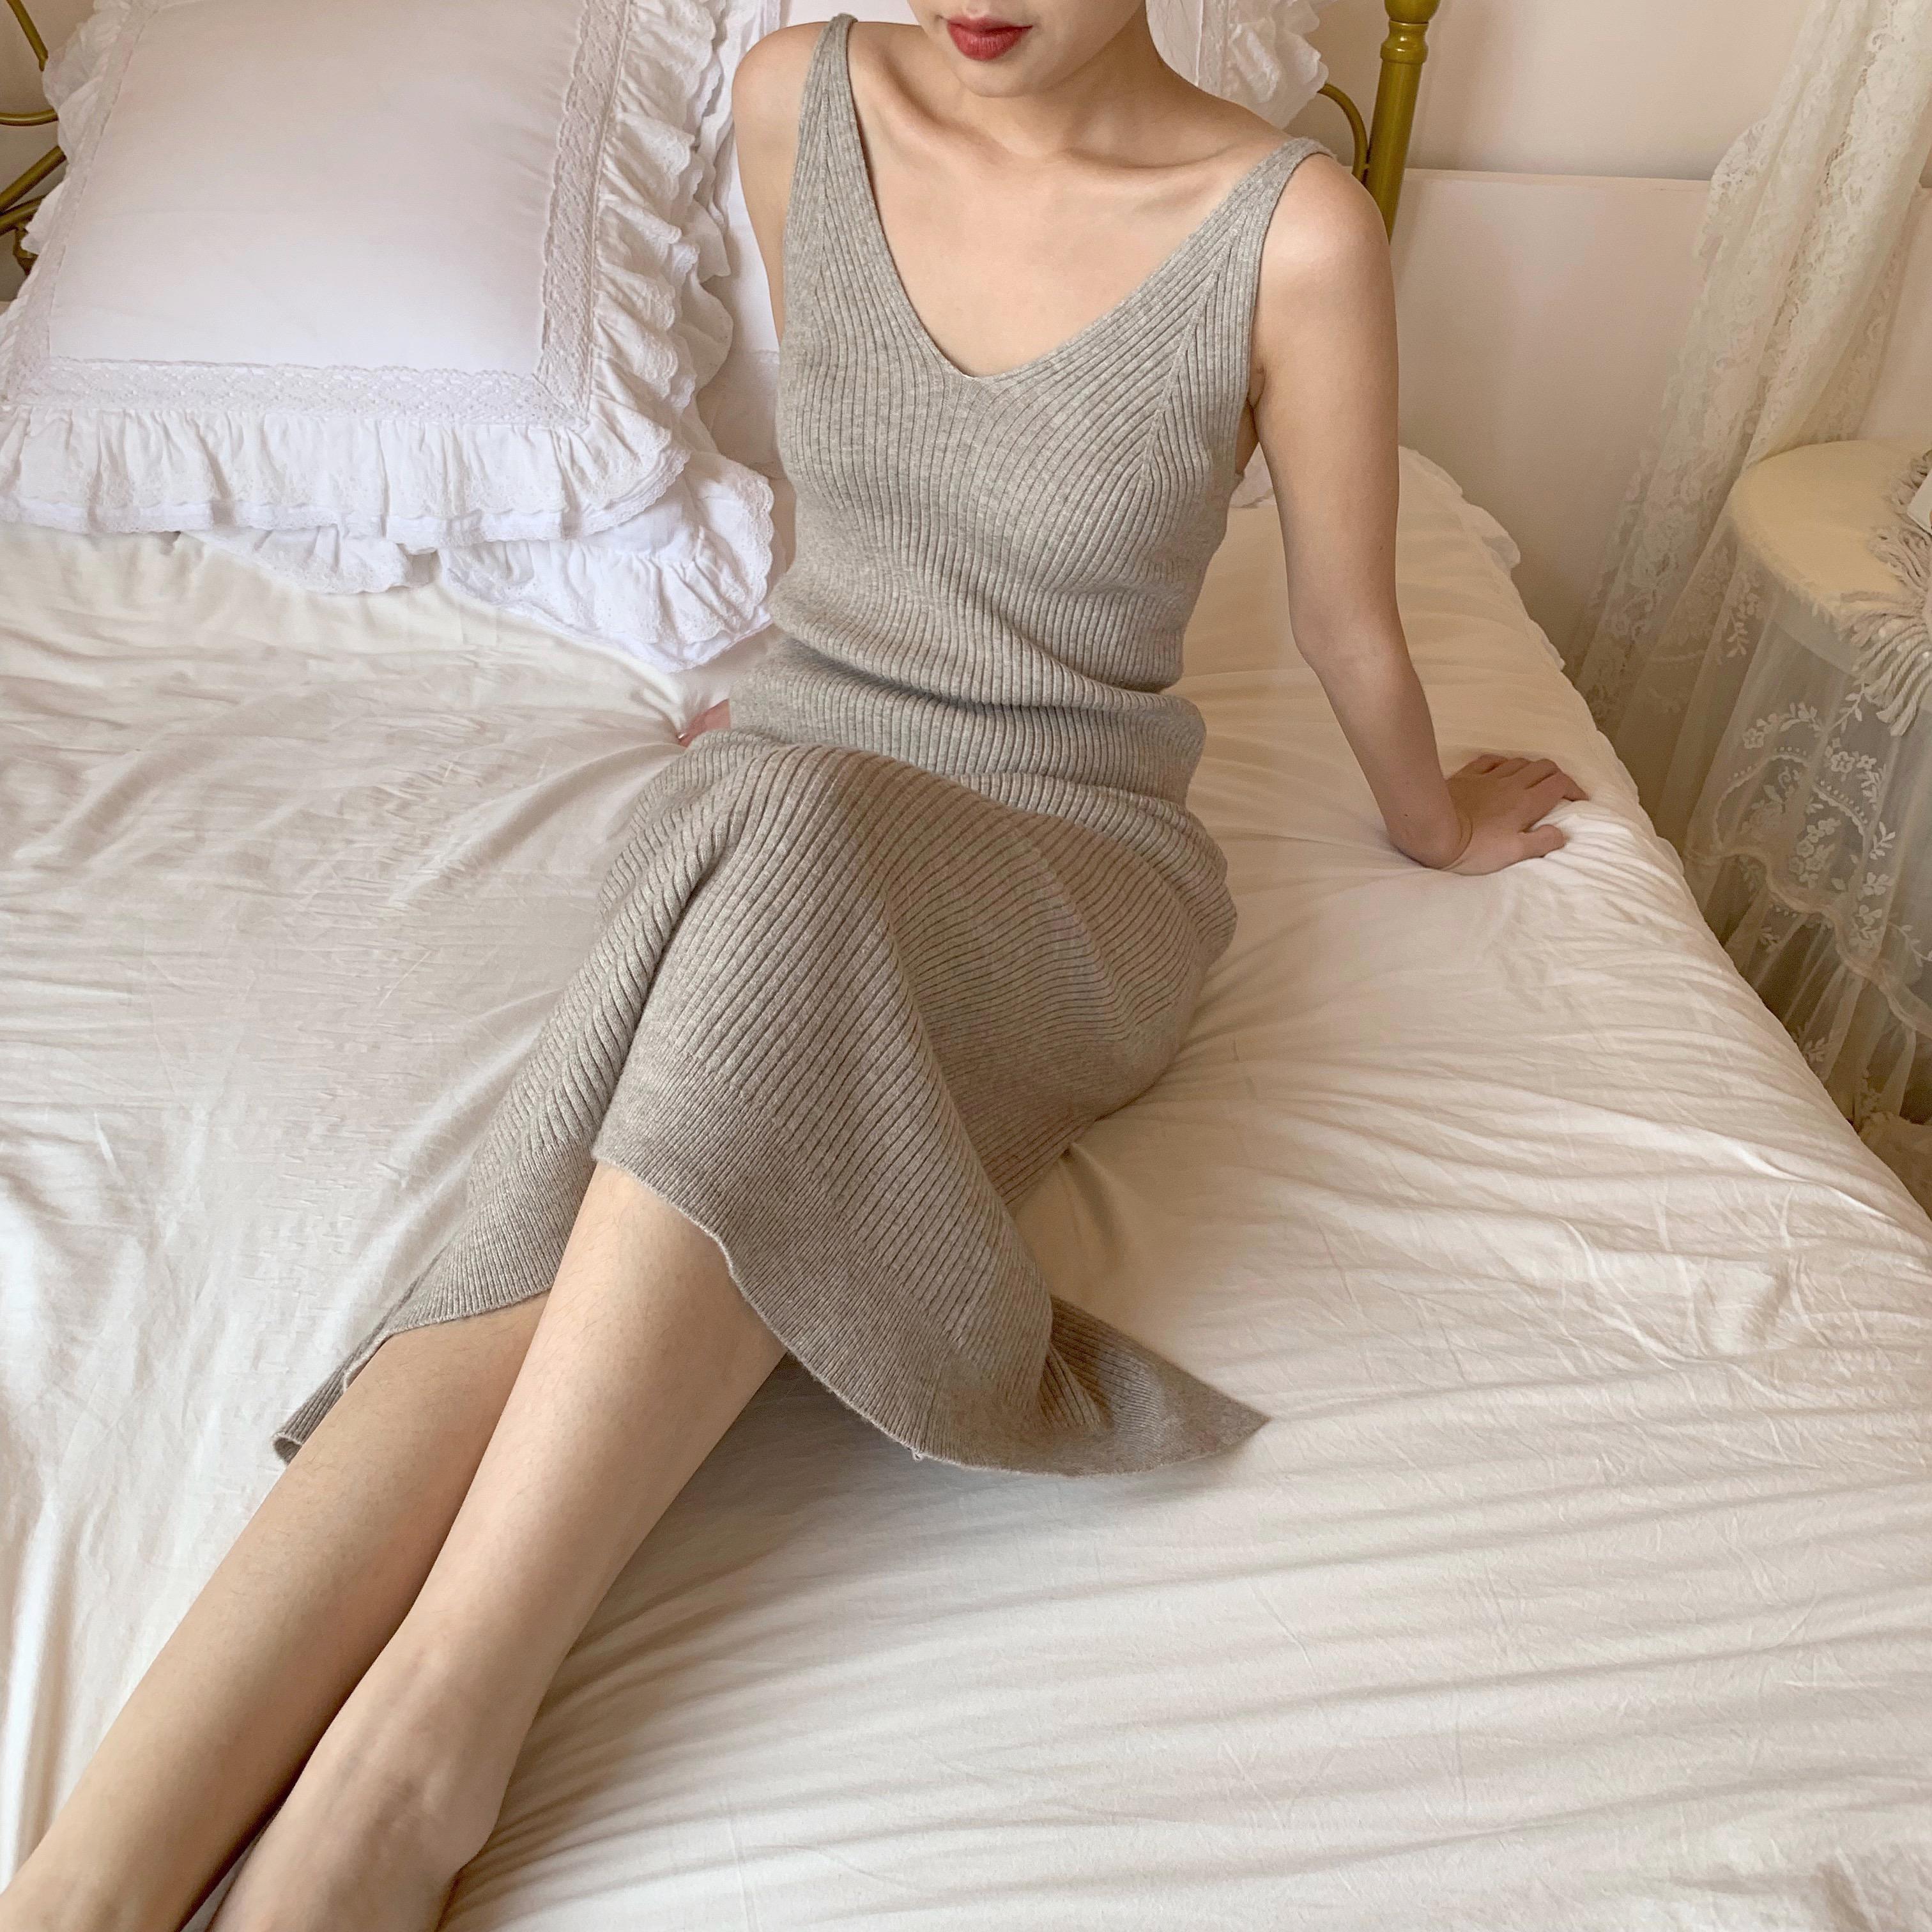 吊带领洋装女秋装年新款復古中长版内搭针织无袖背心裙女详细照片